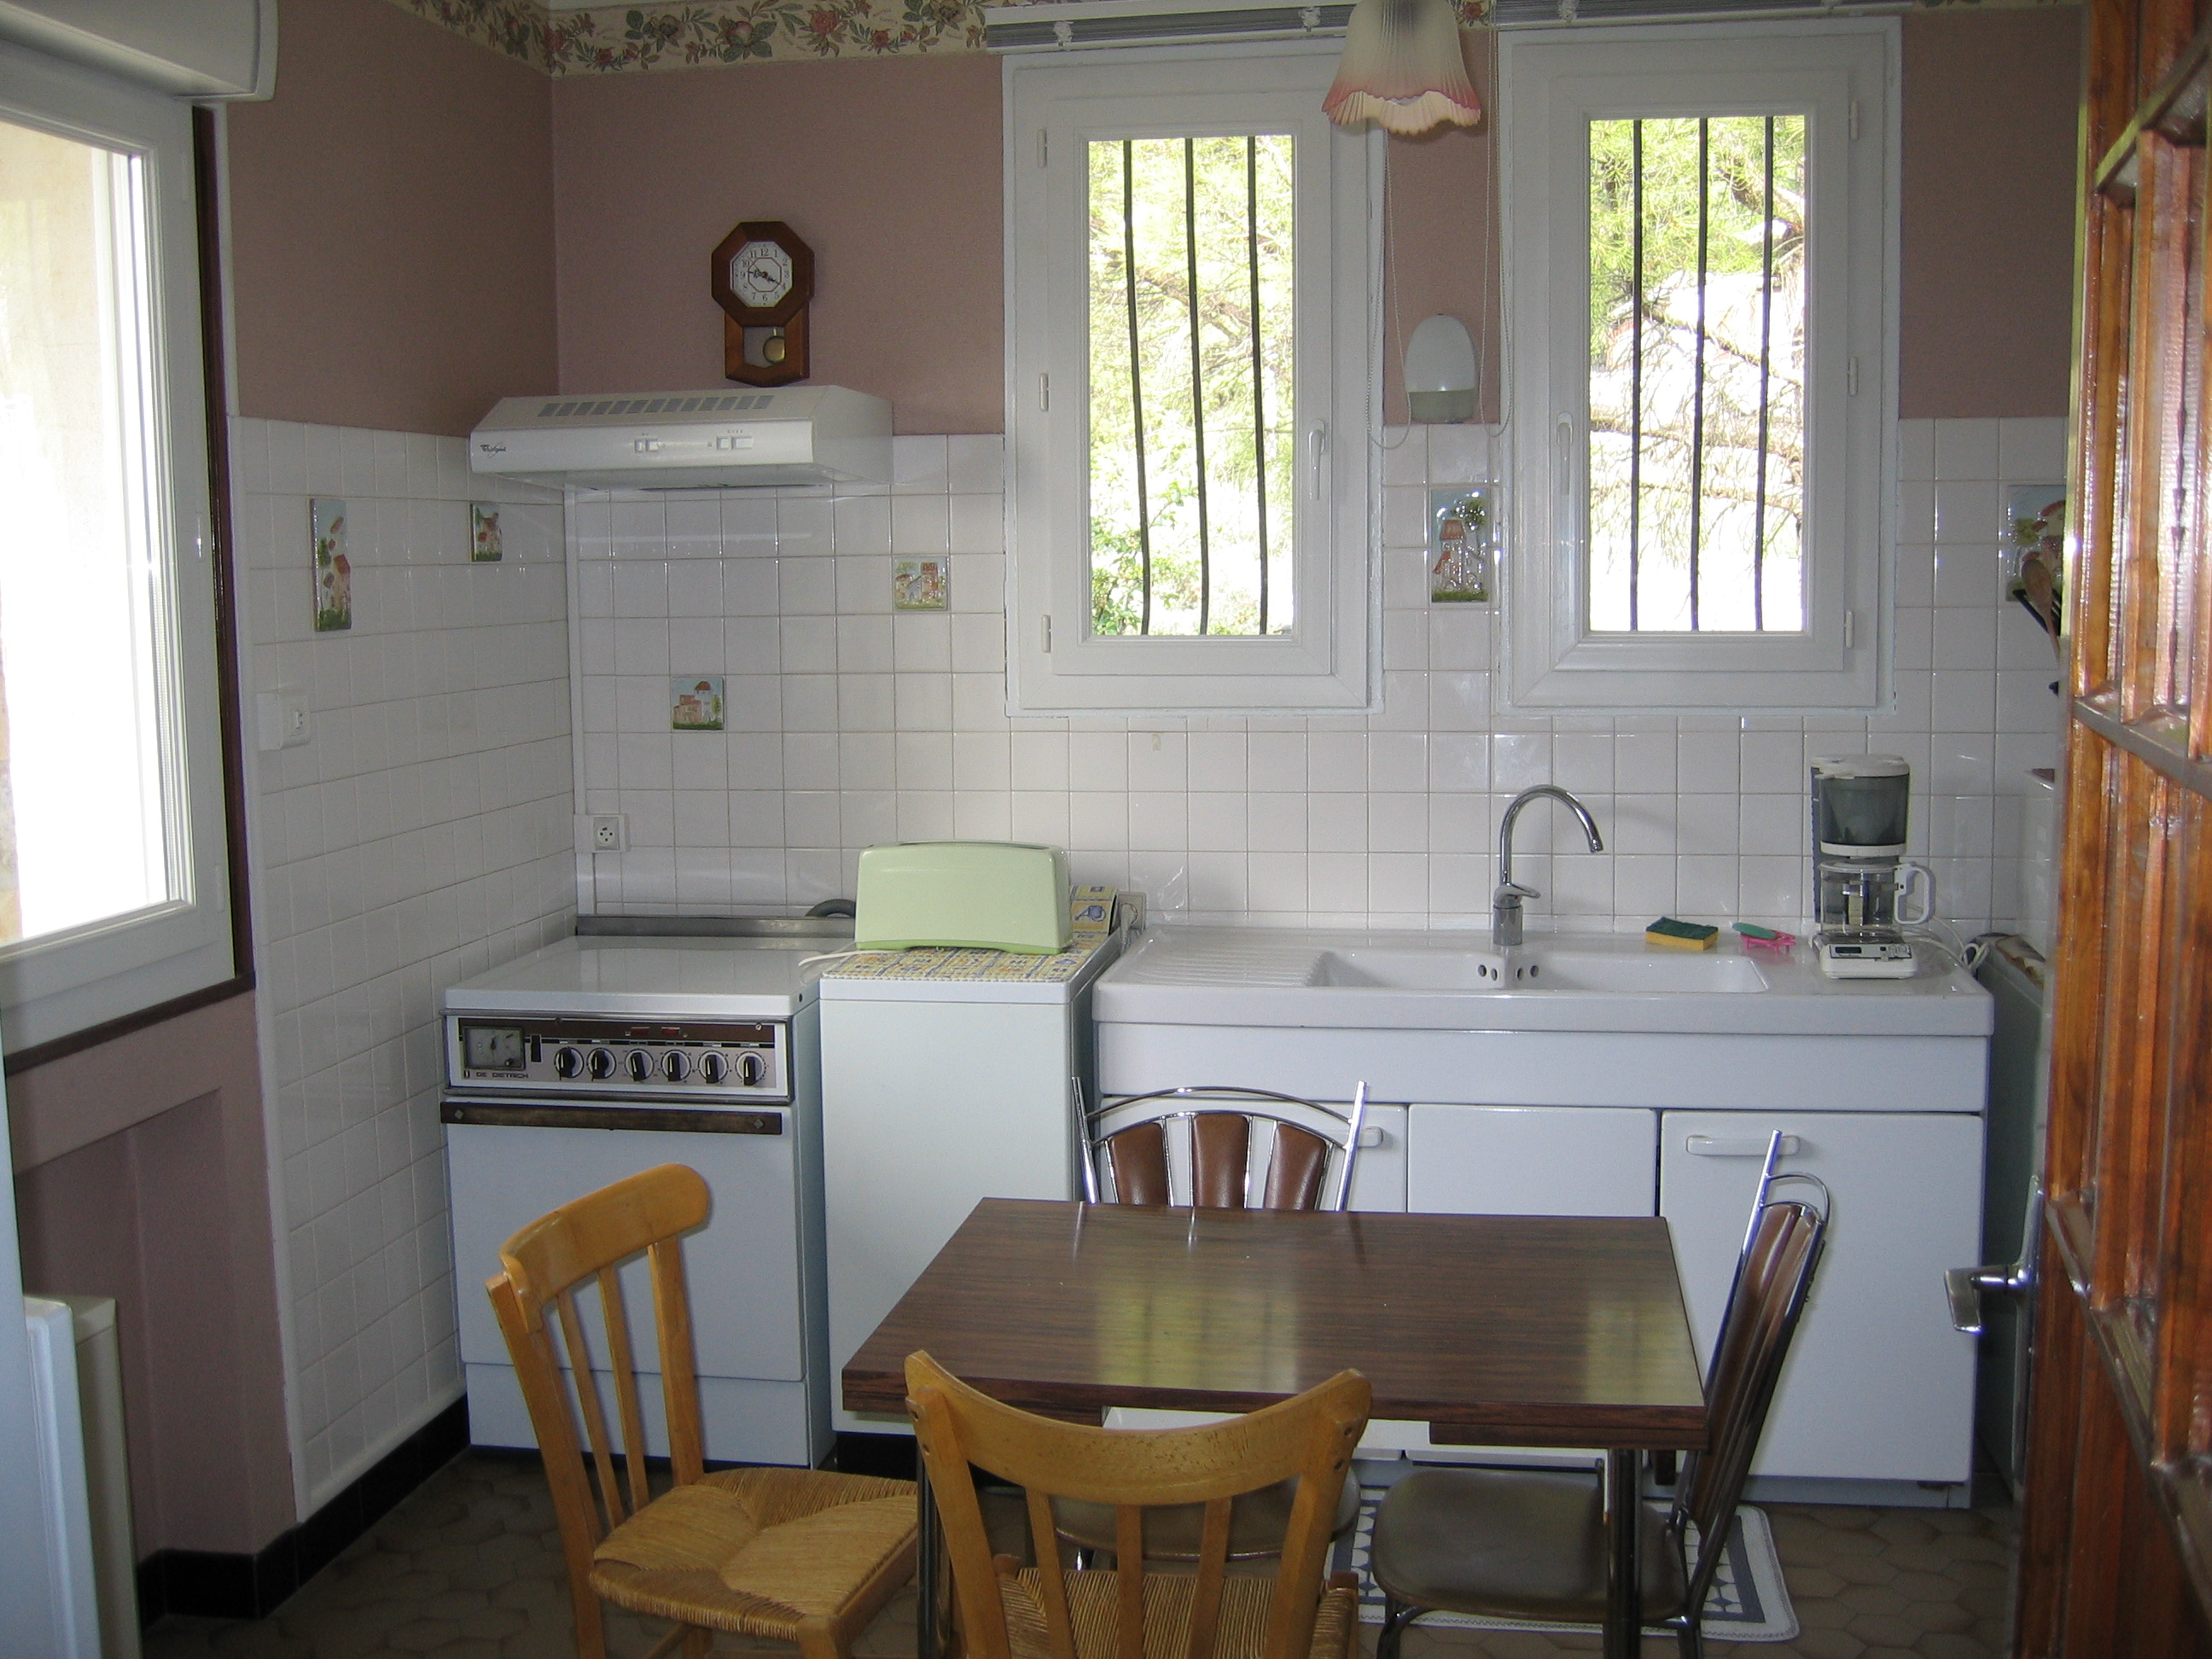 Ferienhaus Villa Hortense (366495), Ucel, Ardèche-Drôme, Rhône-Alpen, Frankreich, Bild 6